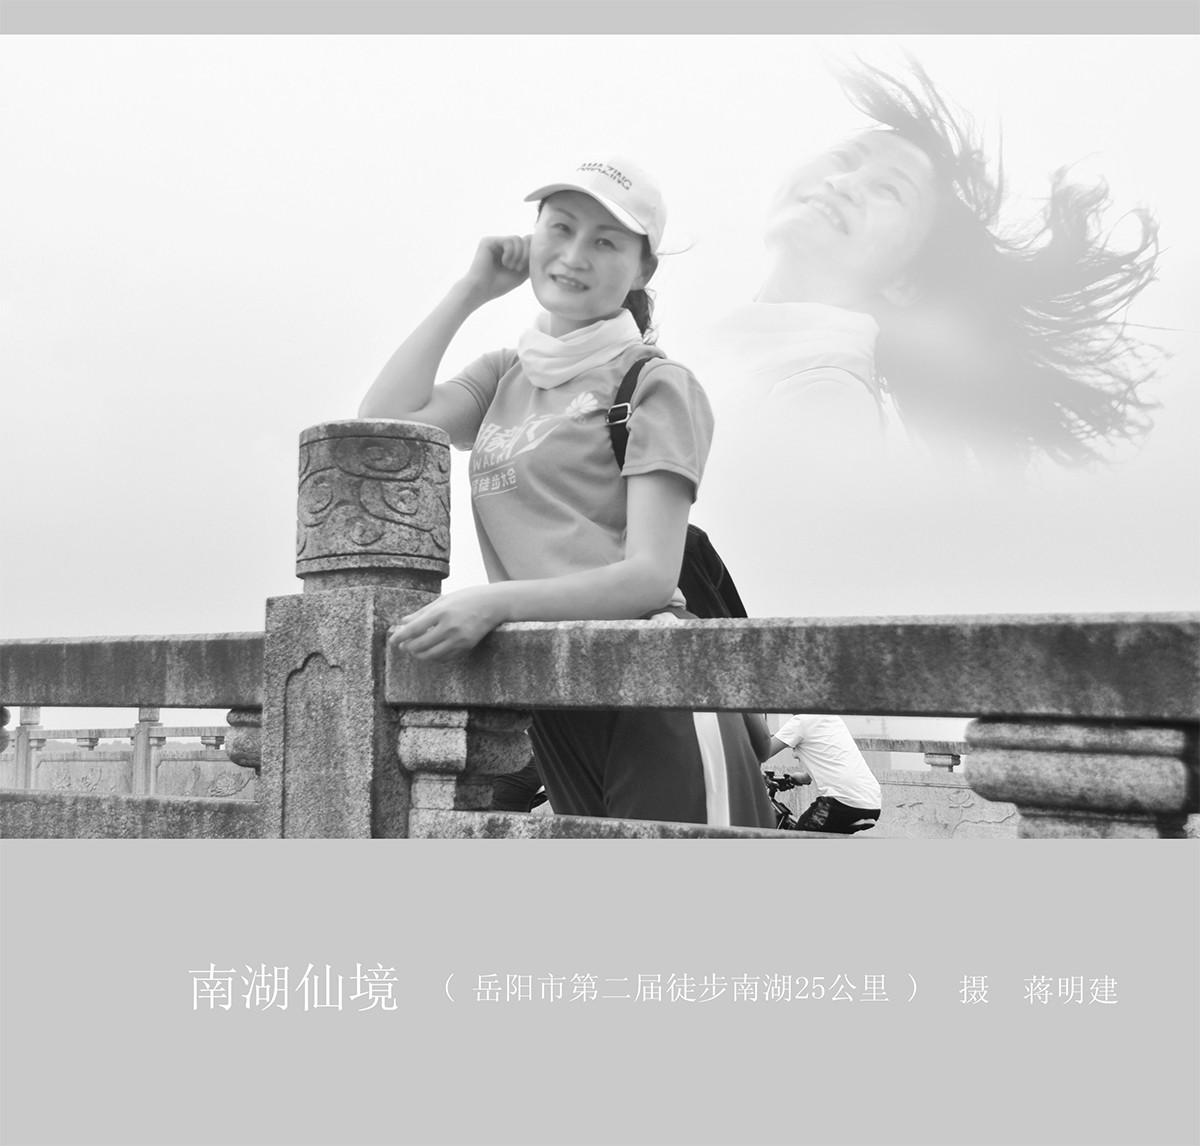 蒋明建+《南湖仙境》 副本.jpg